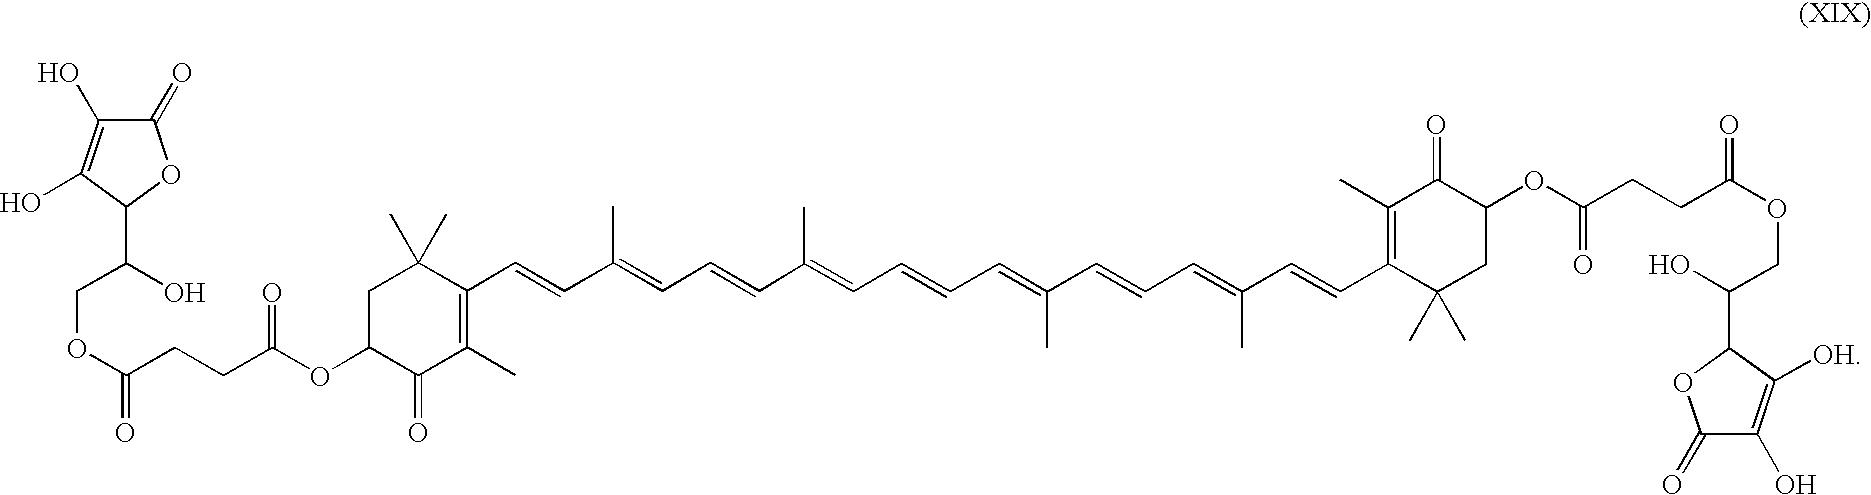 Figure US07320997-20080122-C00034